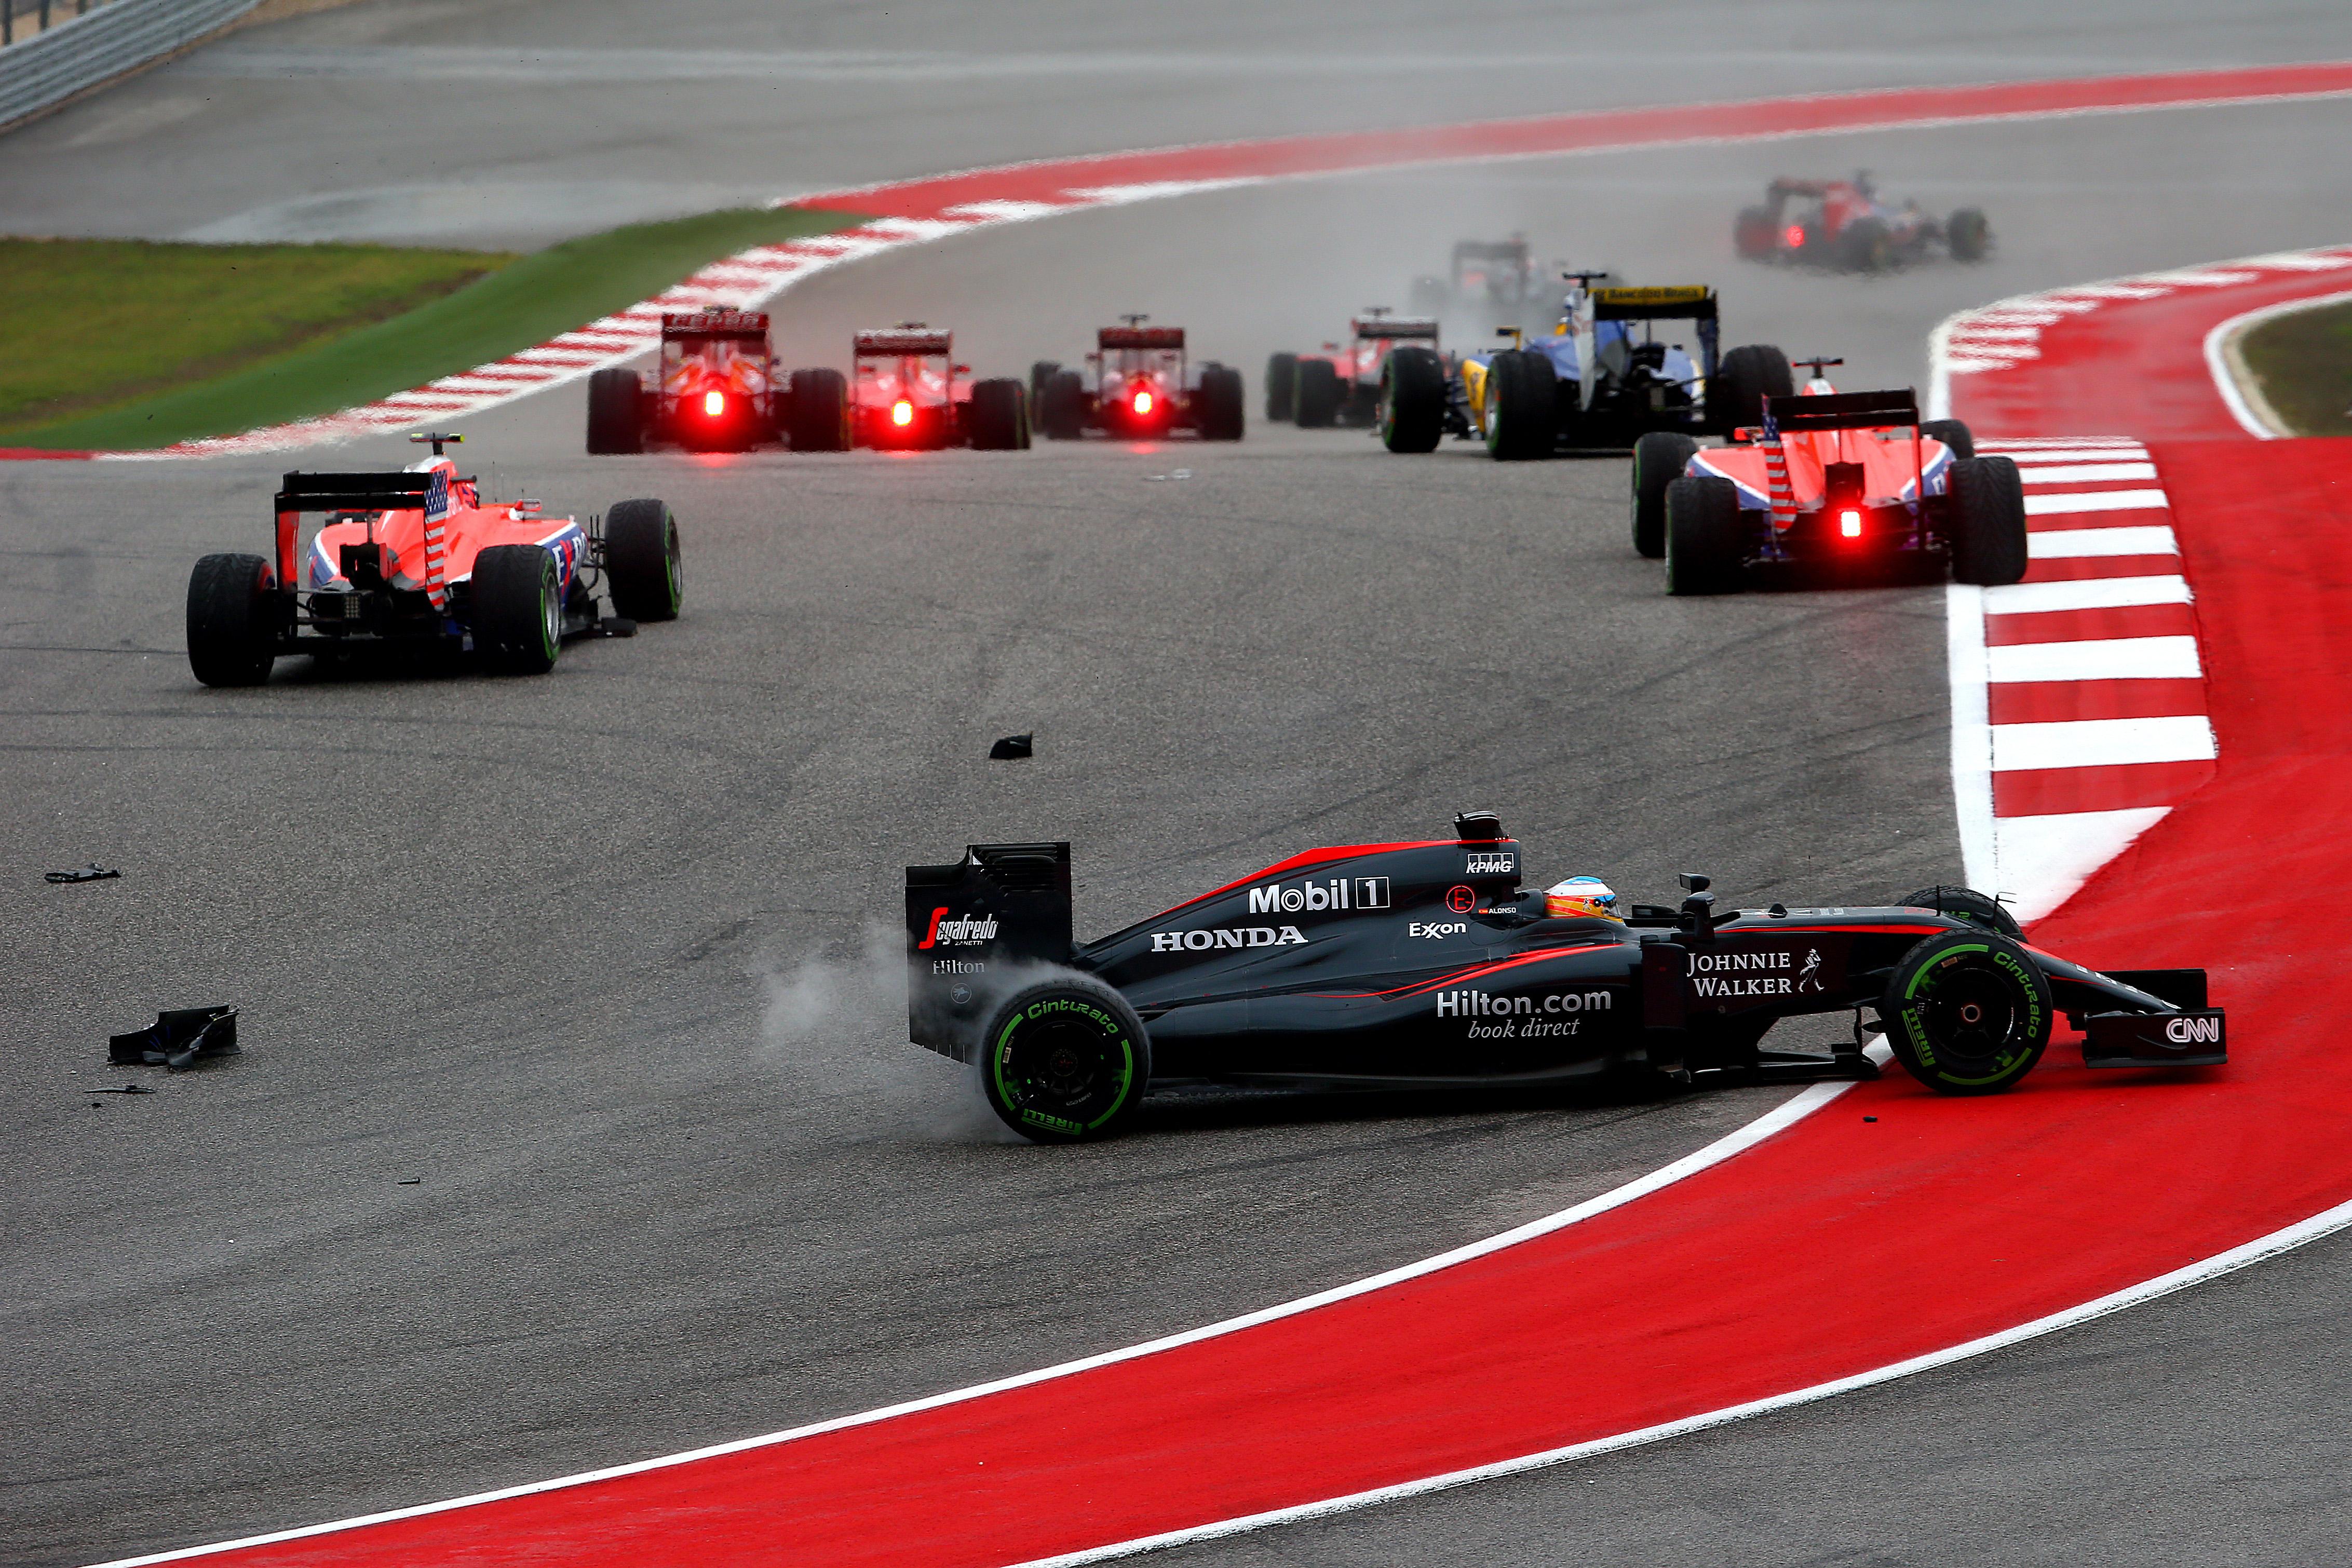 Състезанието за Гран при на САЩ